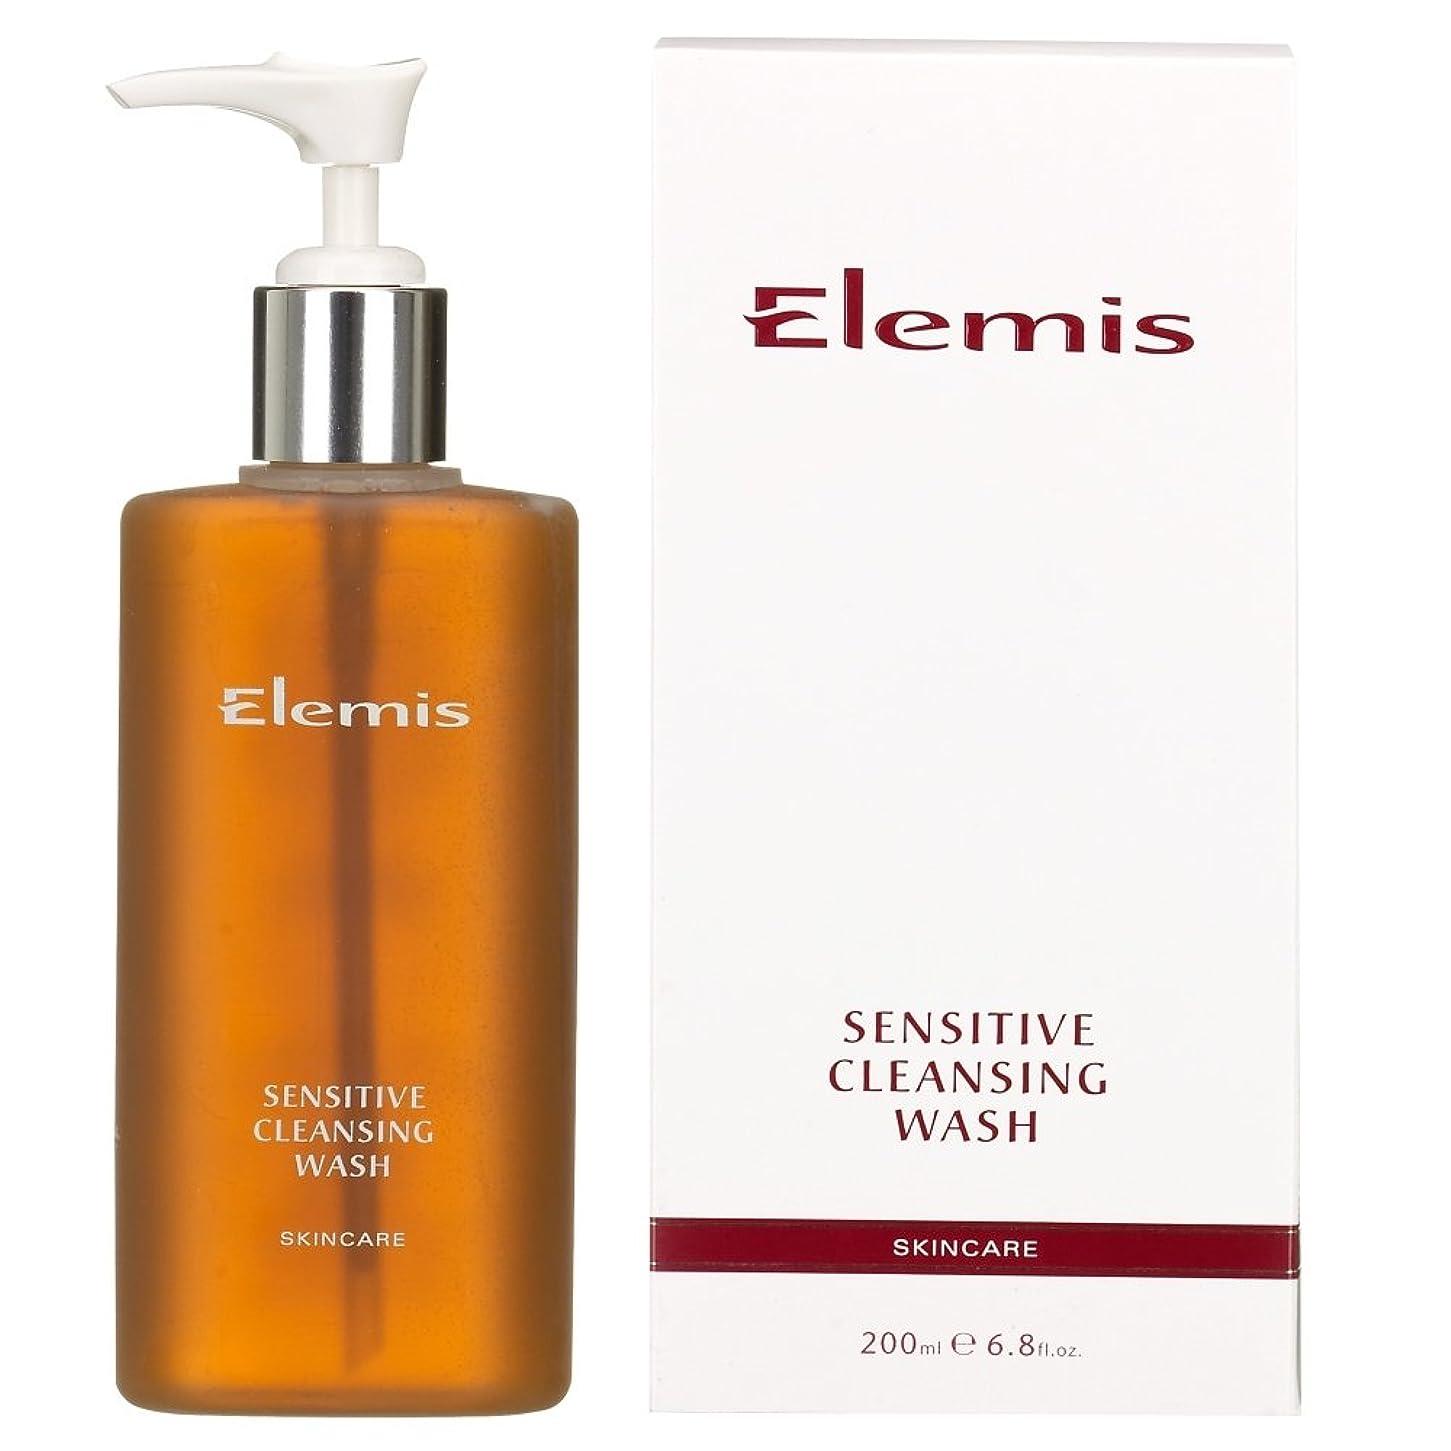 火薬マナー出しますエレミスは敏感クレンジングウォッシュをスキンケア (Elemis) (x6) - Elemis Skincare Sensitive Cleansing Wash (Pack of 6) [並行輸入品]